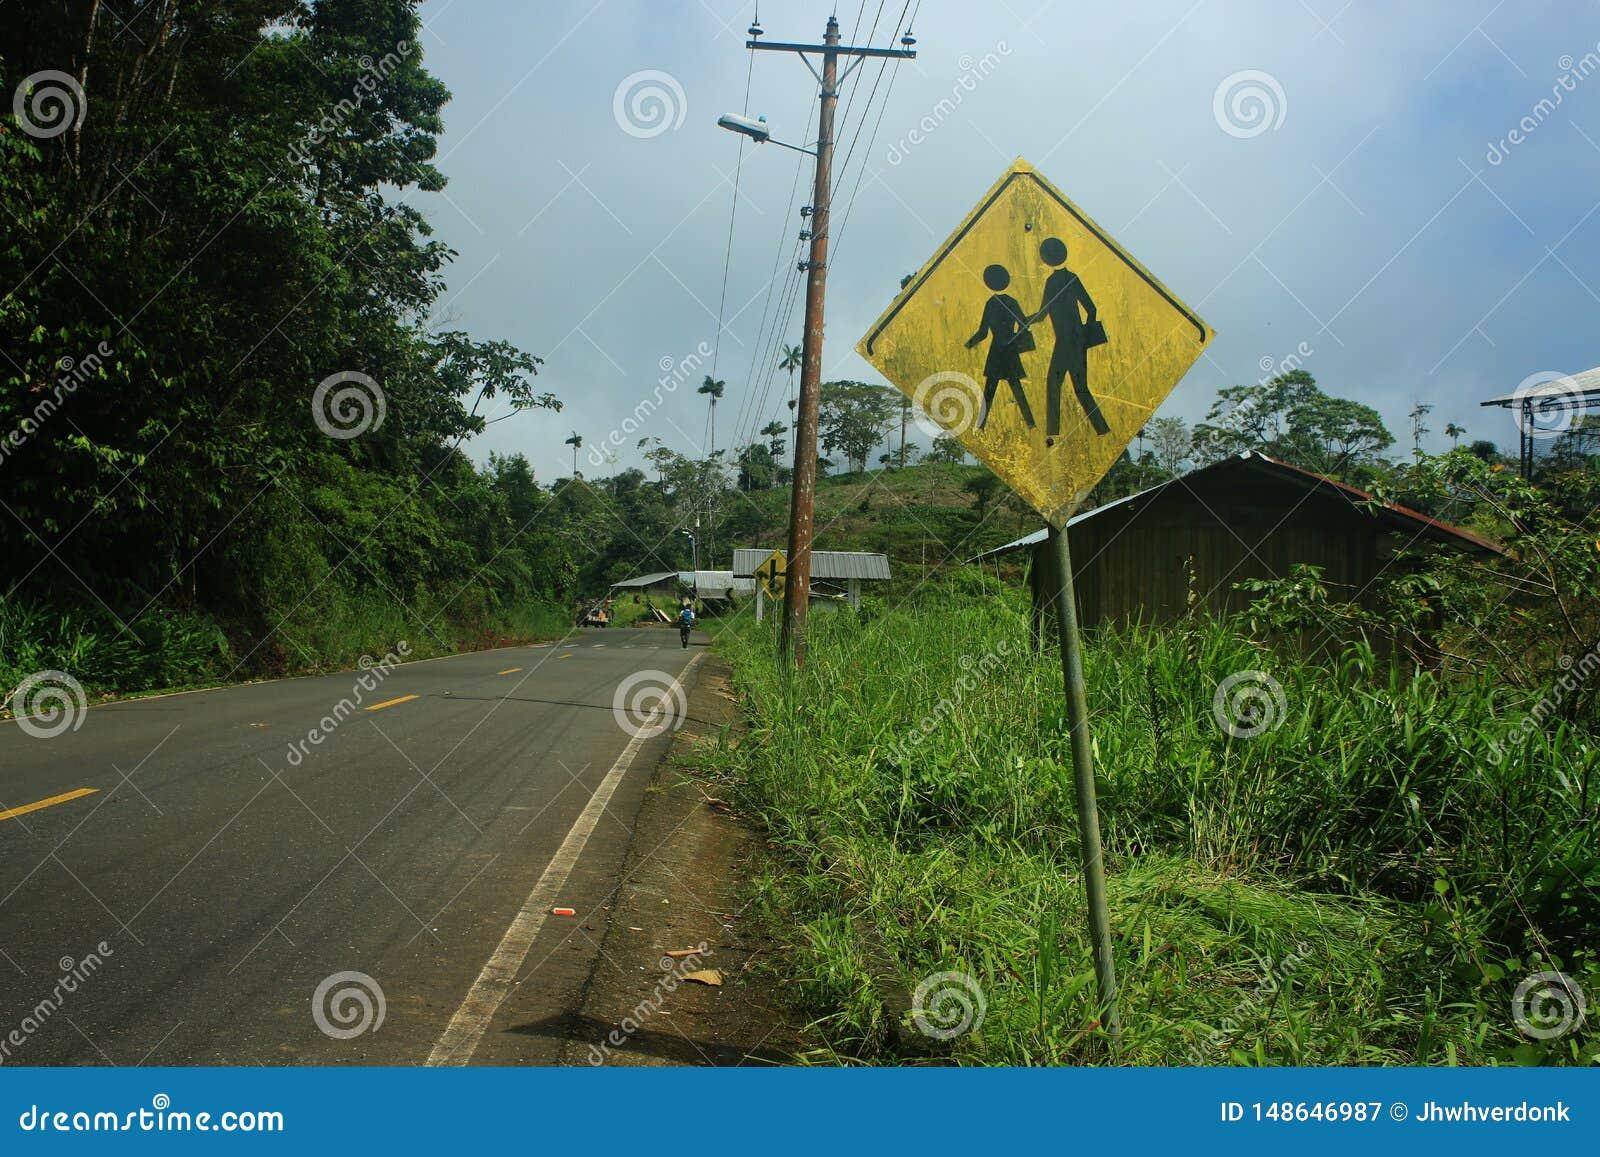 Σημάδι δίπλα στο δρόμο σε ένα μικρό χωριό που λέει ότι υπάρχει ένα σχολείο και παιδιά παρόντα